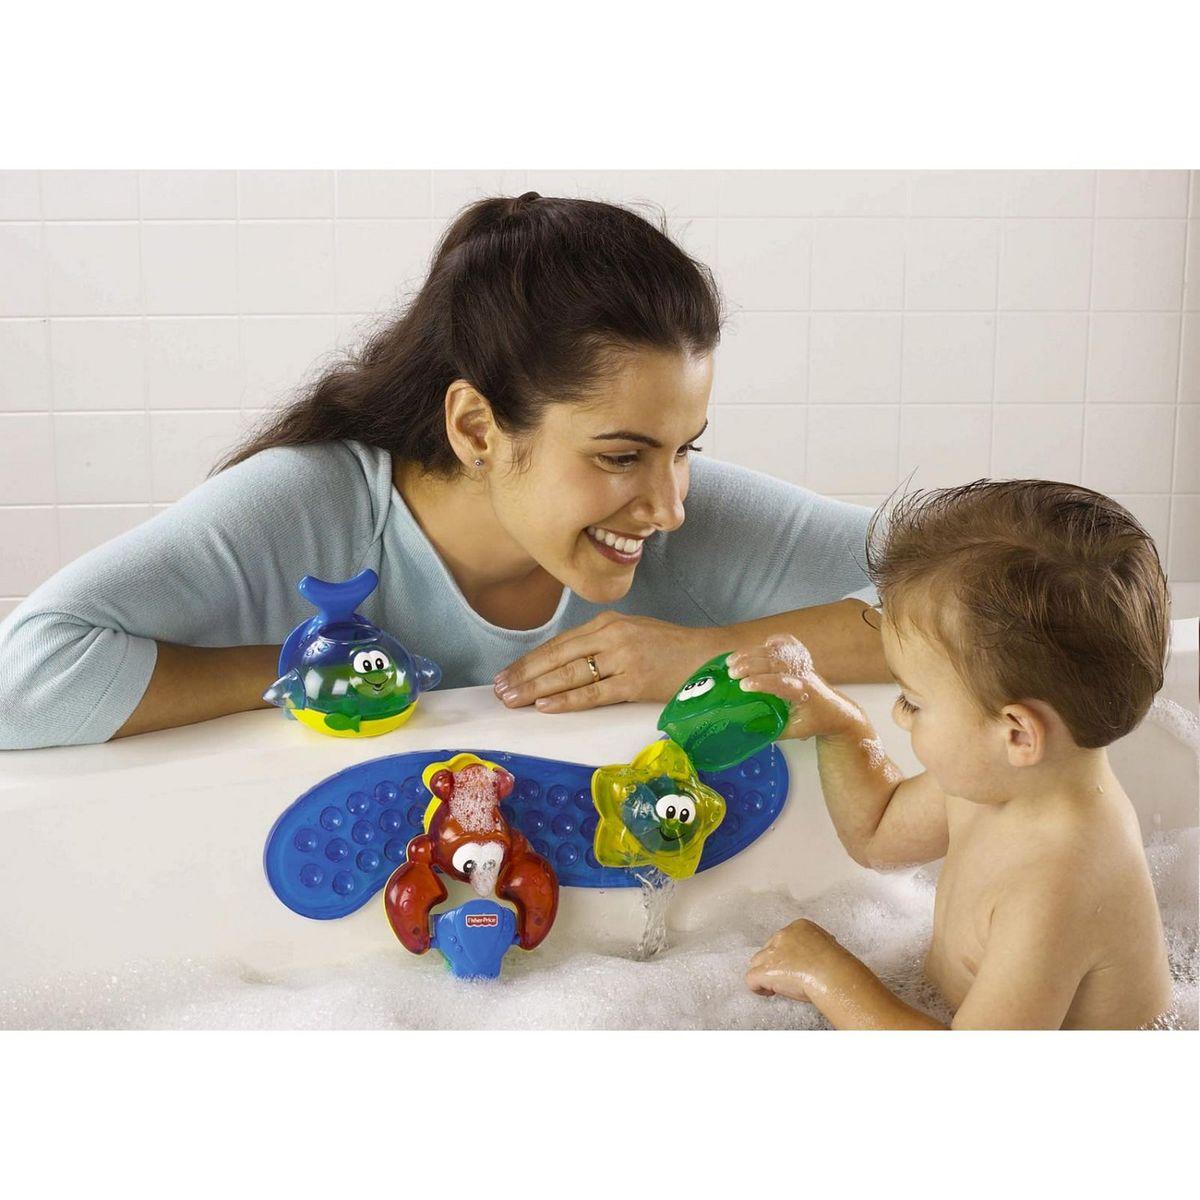 Enfant Bébé Puériculture Toilette, soin bébé Jouet de bain